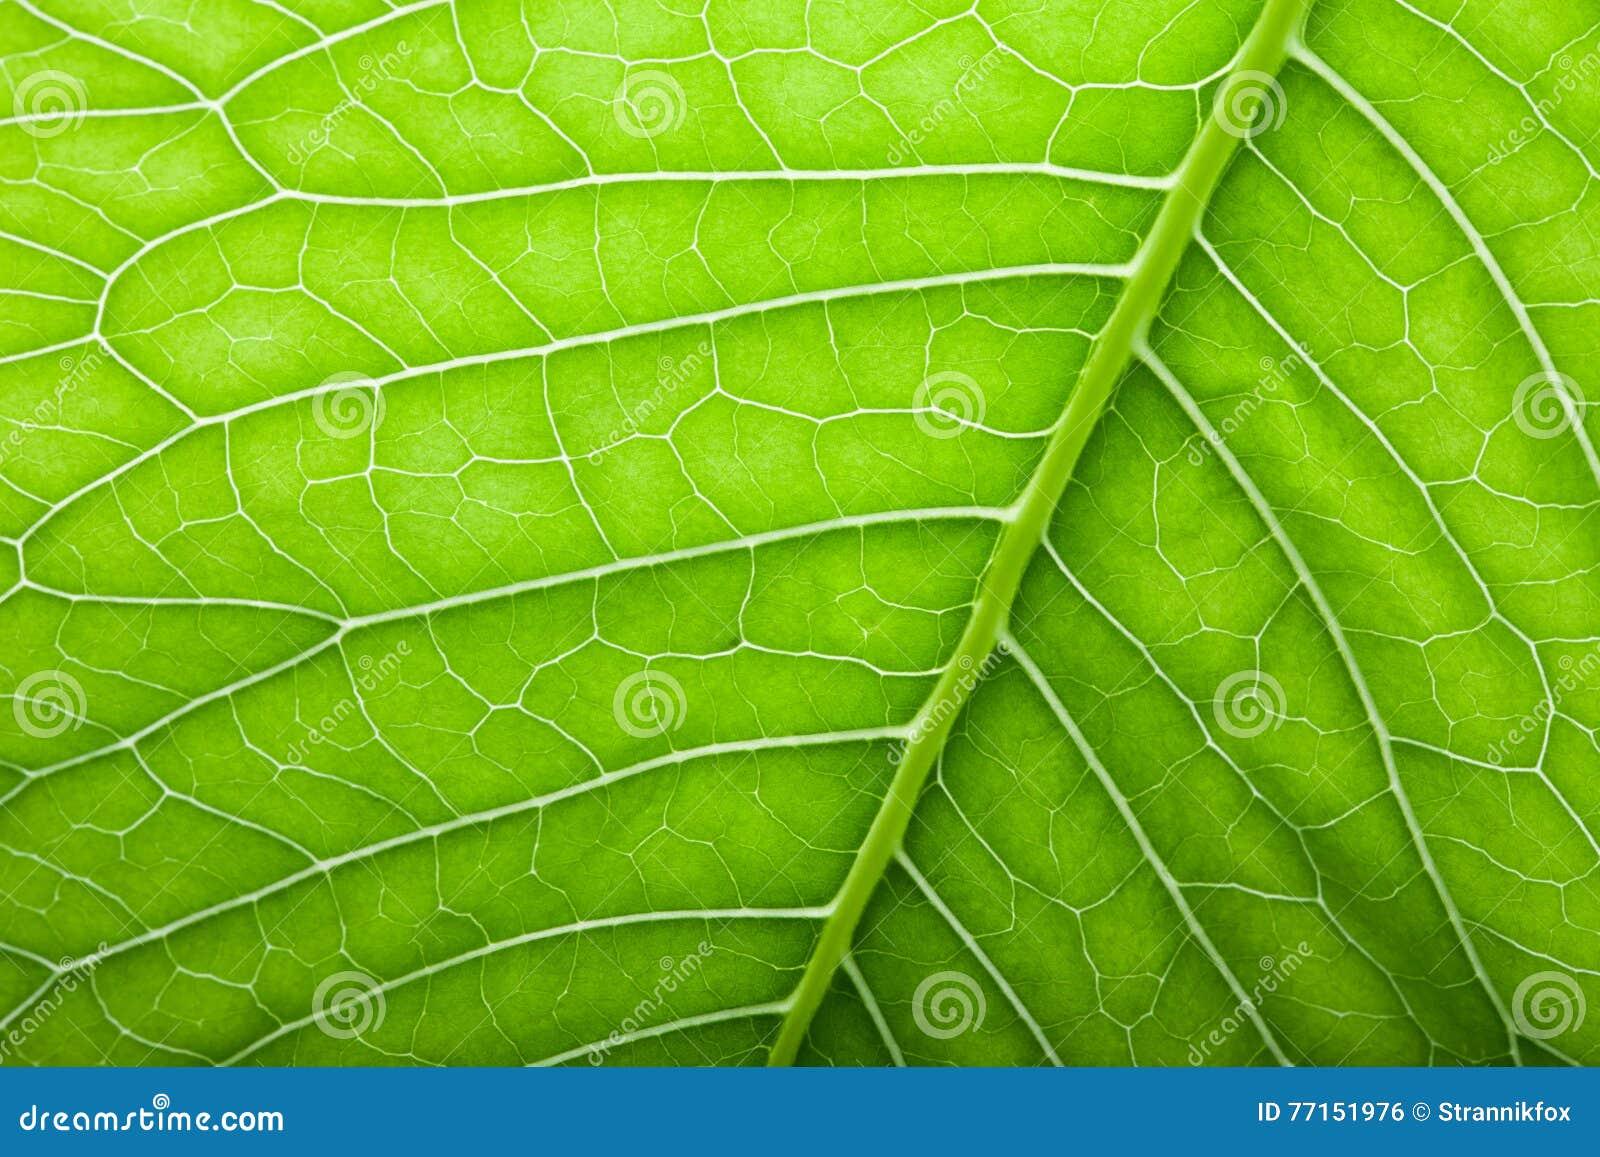 Texture de feuille verte fraîche pour le fond naturel